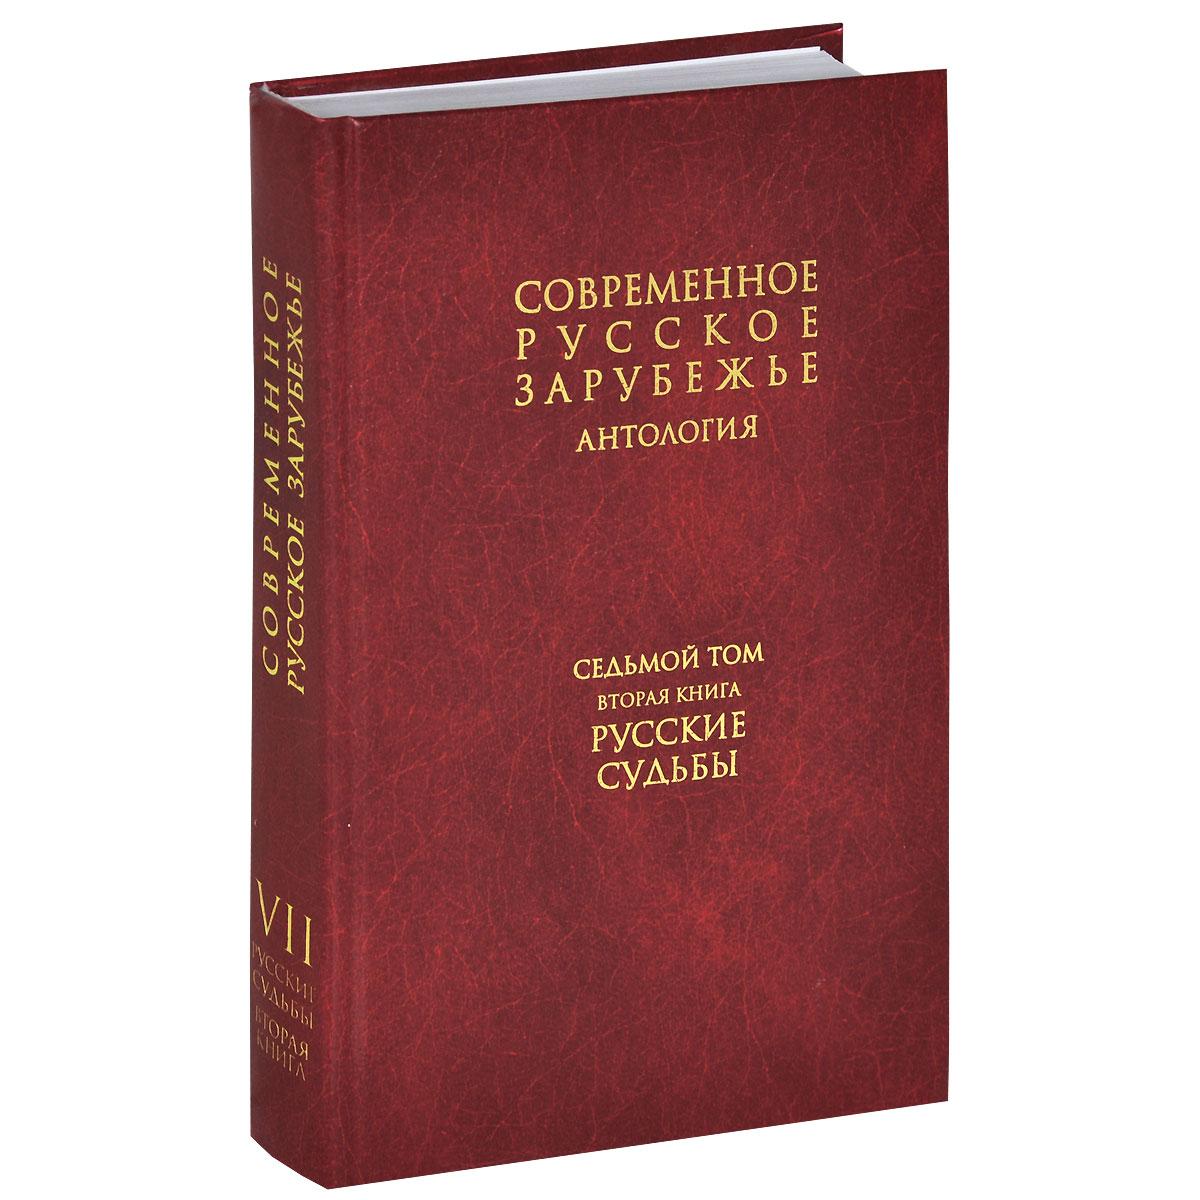 Современное русское зарубежье. В 7 томах. Том 7. Книга 2. Русские судьбы